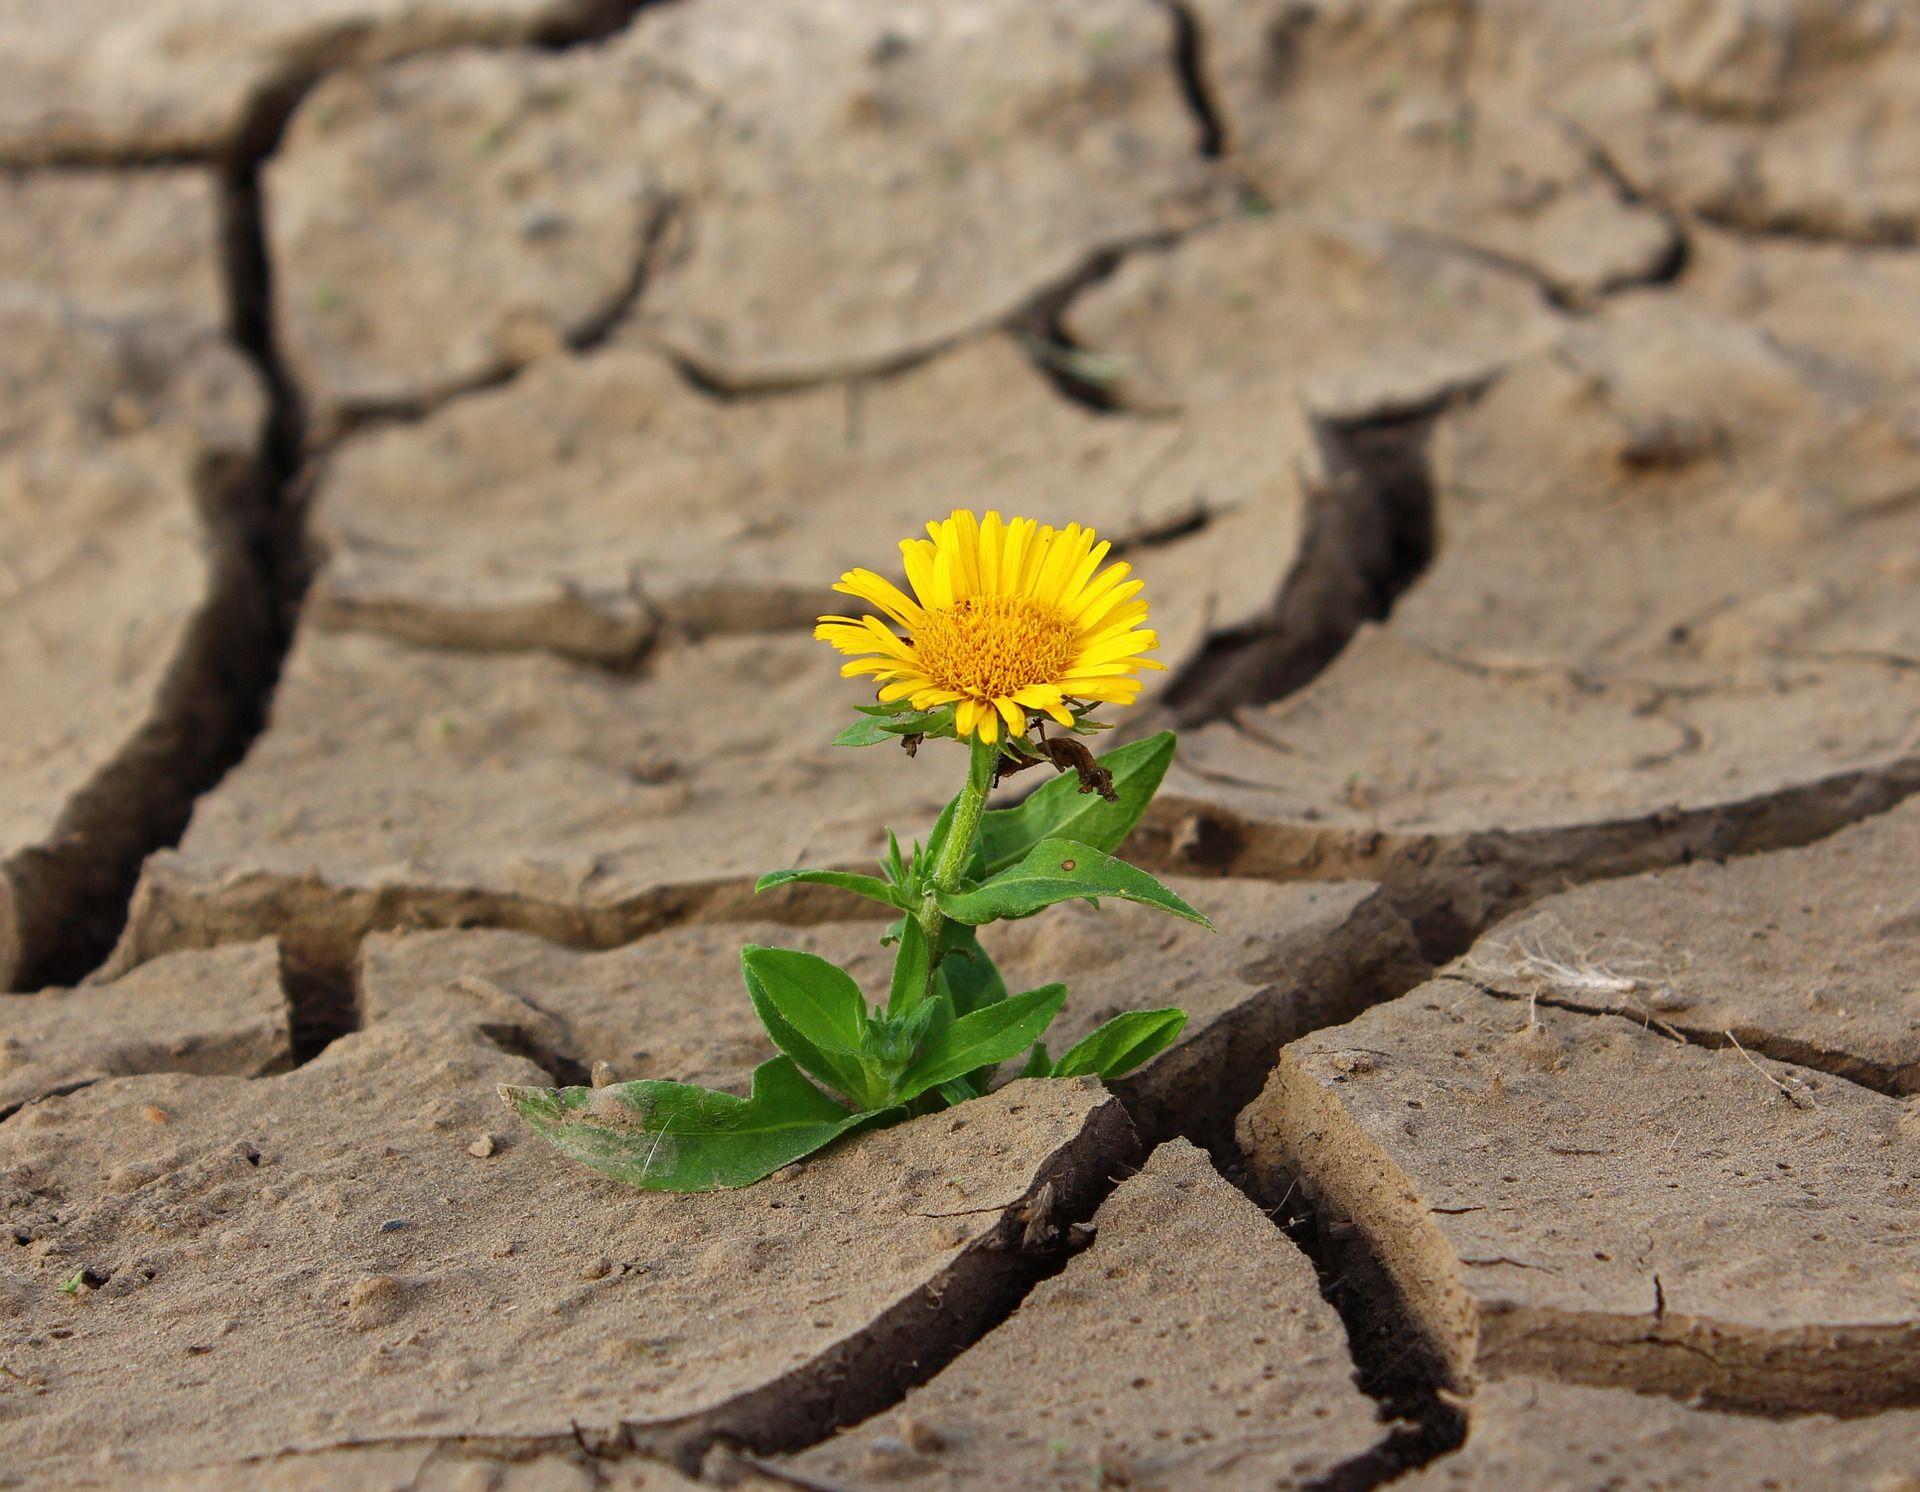 חיים ומוות: חרצית פורחת מבין האדמה היבשה, צילום: Pixabay